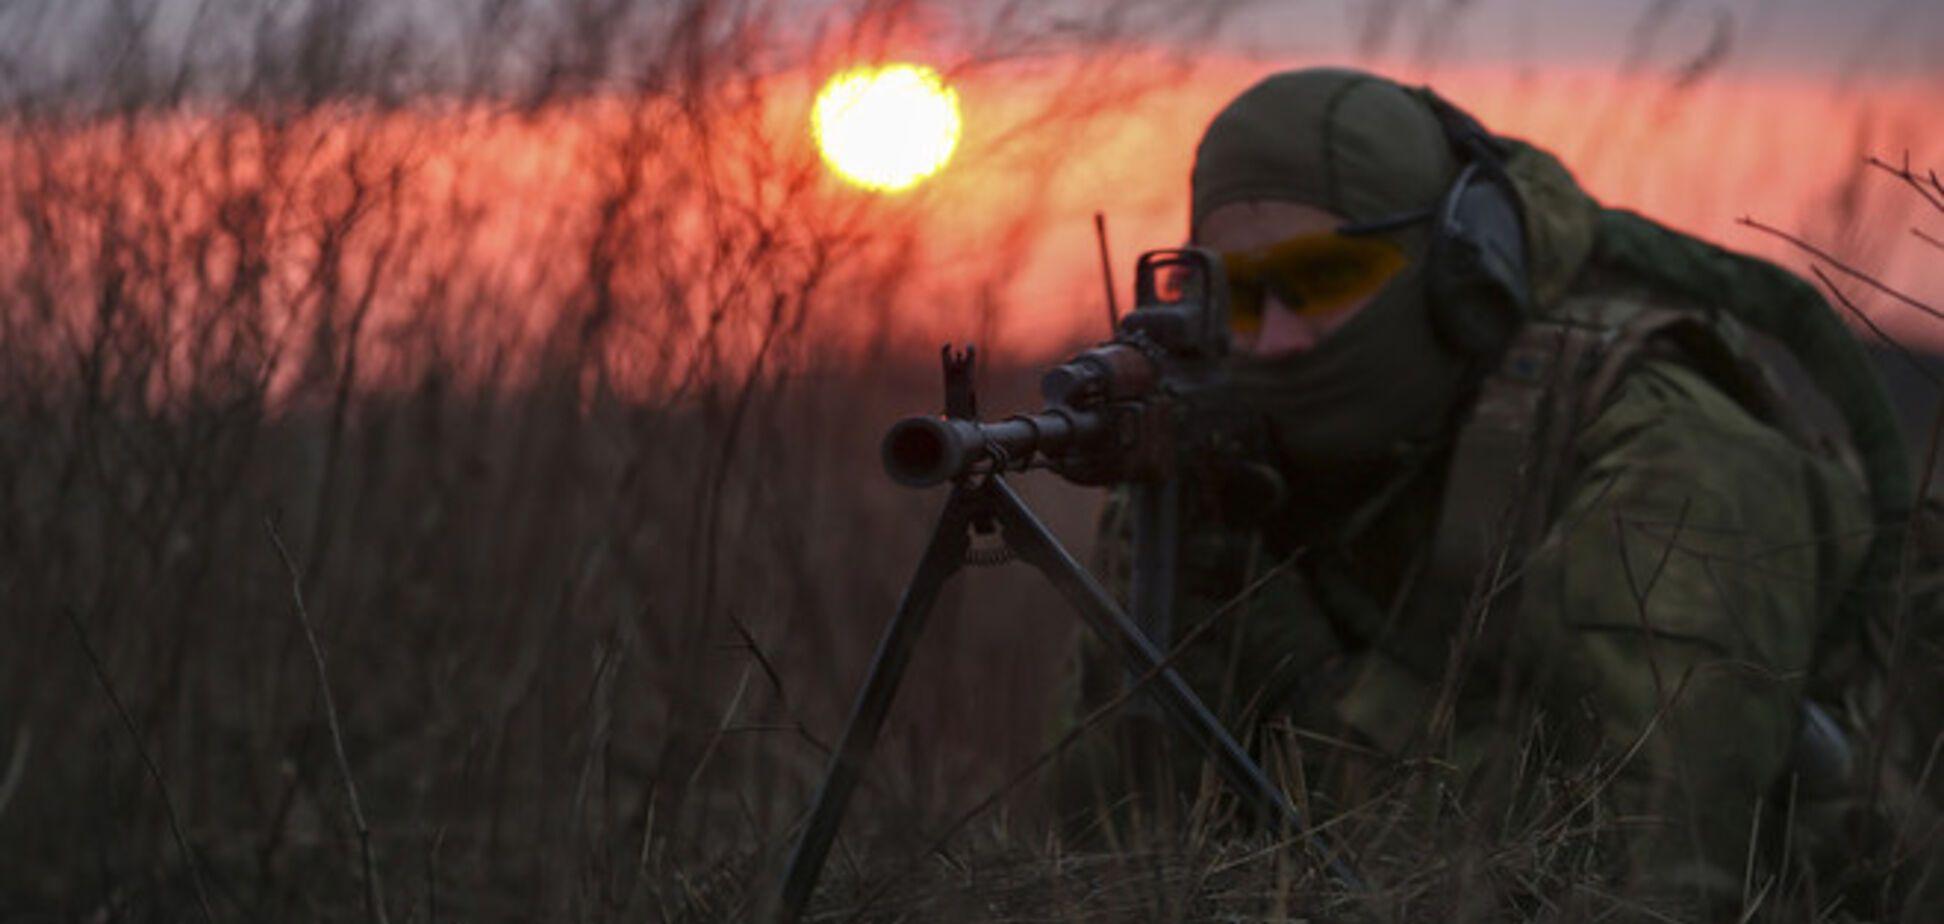 Донецкие террористы осваивают новые участки 'фронта' и концентрируют технику и живую силу